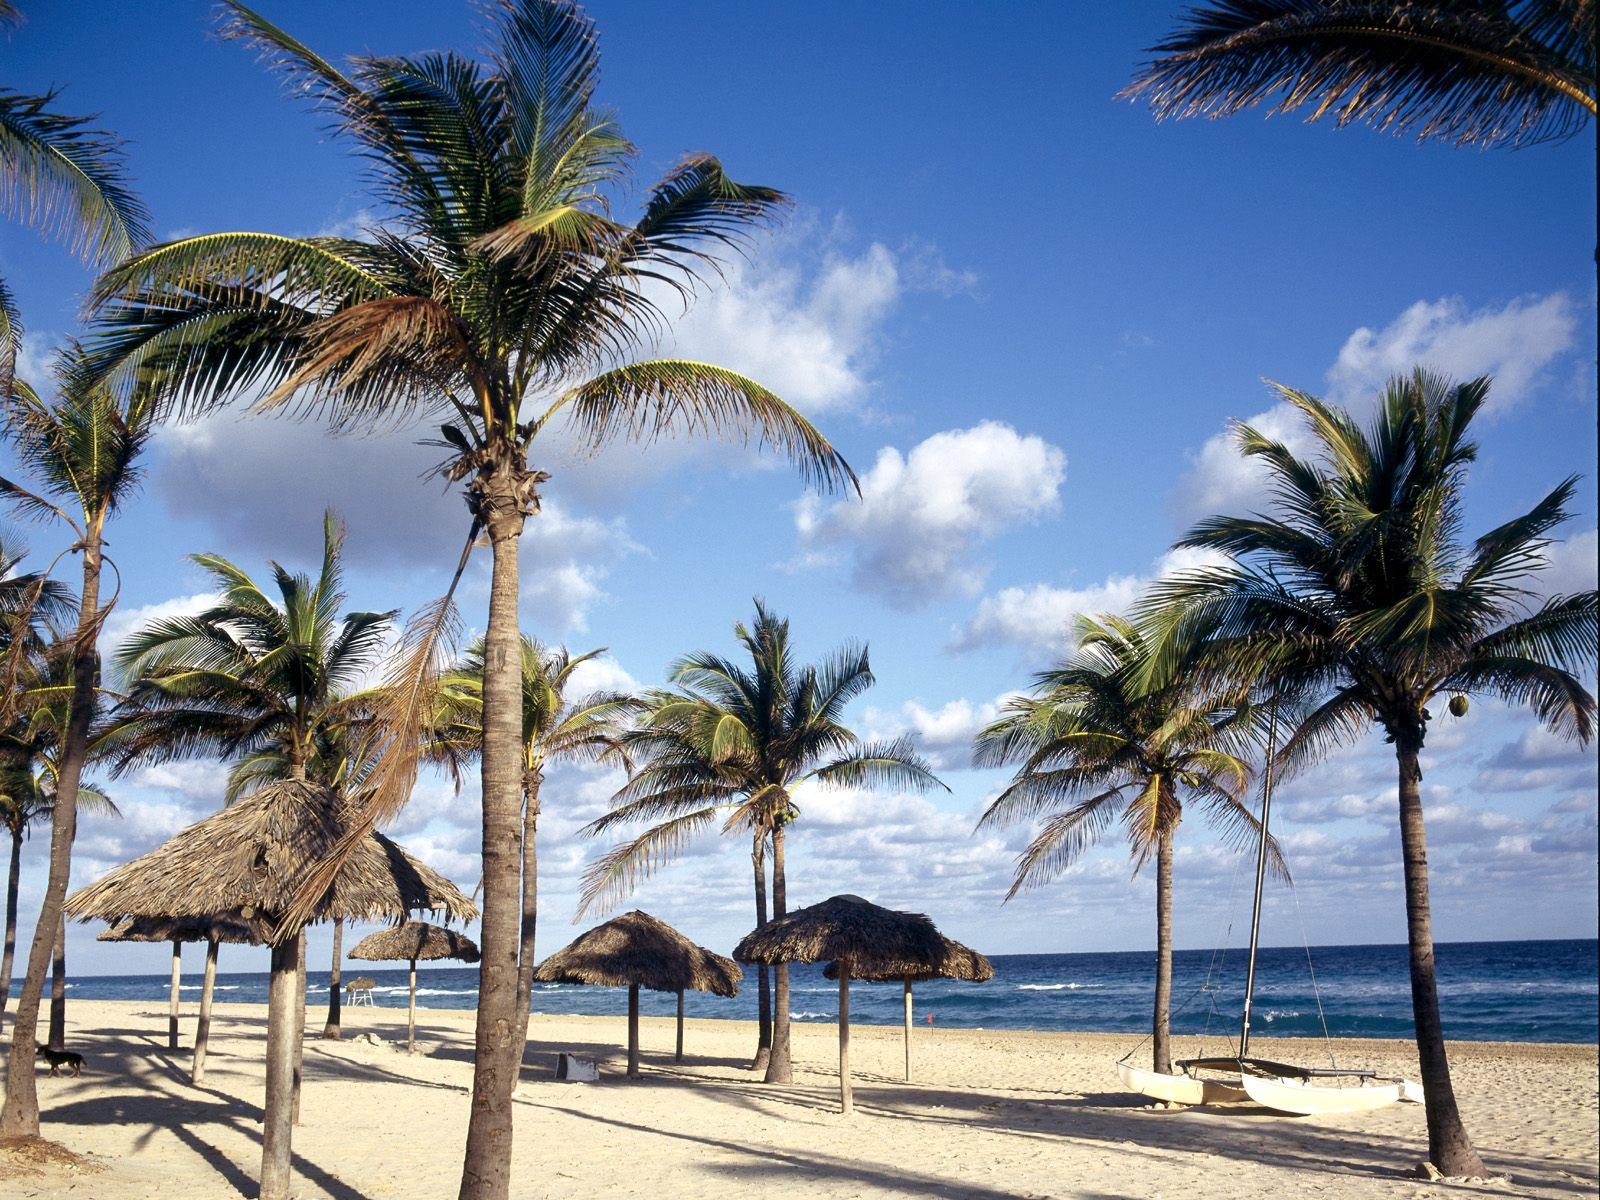 Блоги. Вокруг Света , Карибы. «Вокруг, альбоме, Фотографии, Света, Карибы», ЯндексФоткахltmore, dodjik007, летняякруглый, погода, Yadas, Канадаэто, здравствуйте, fantastishно, Карибы, пейзажах, Фантастичны, снова